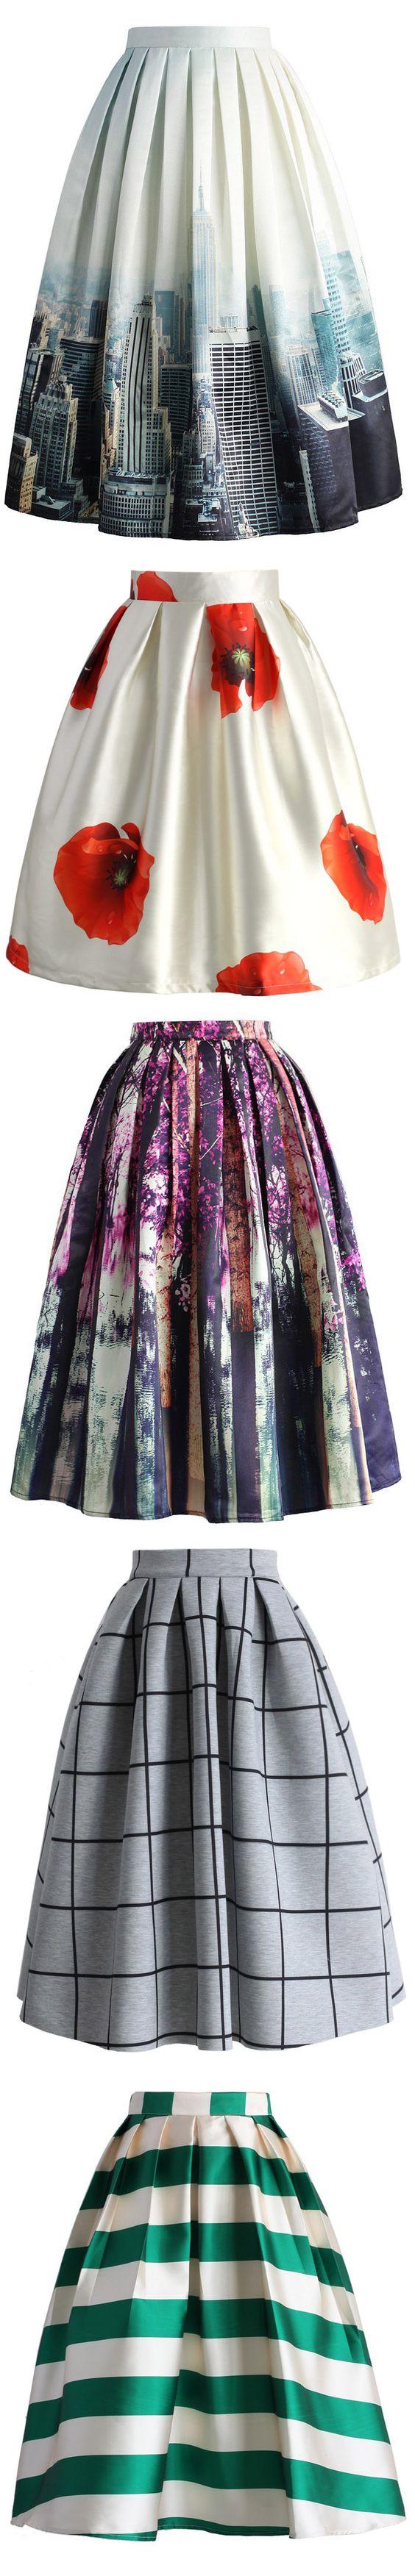 print midi skirt, christmas party skirt, thanks giving skirt, xmas skirt| I love the top one